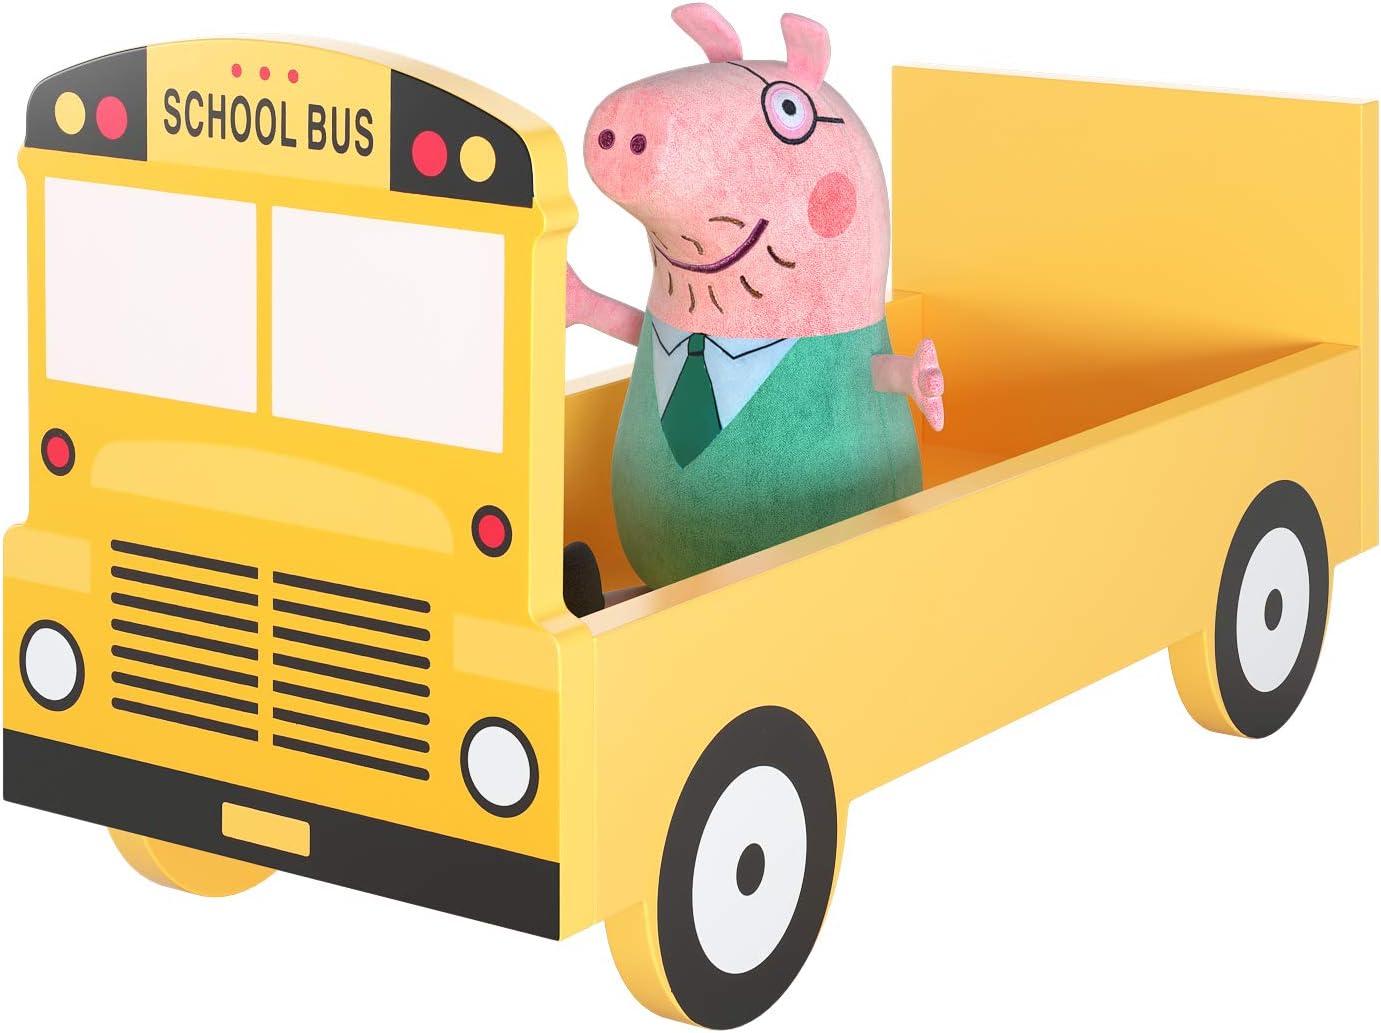 34.5 x 24 x 26.5 cm Libreria Porta Giochi Multifunzione per Bambini Rosso HOMECHO Giocattoli per Bambini Organizzatore di Stoccaggio Modello di Autobus a Due Piani